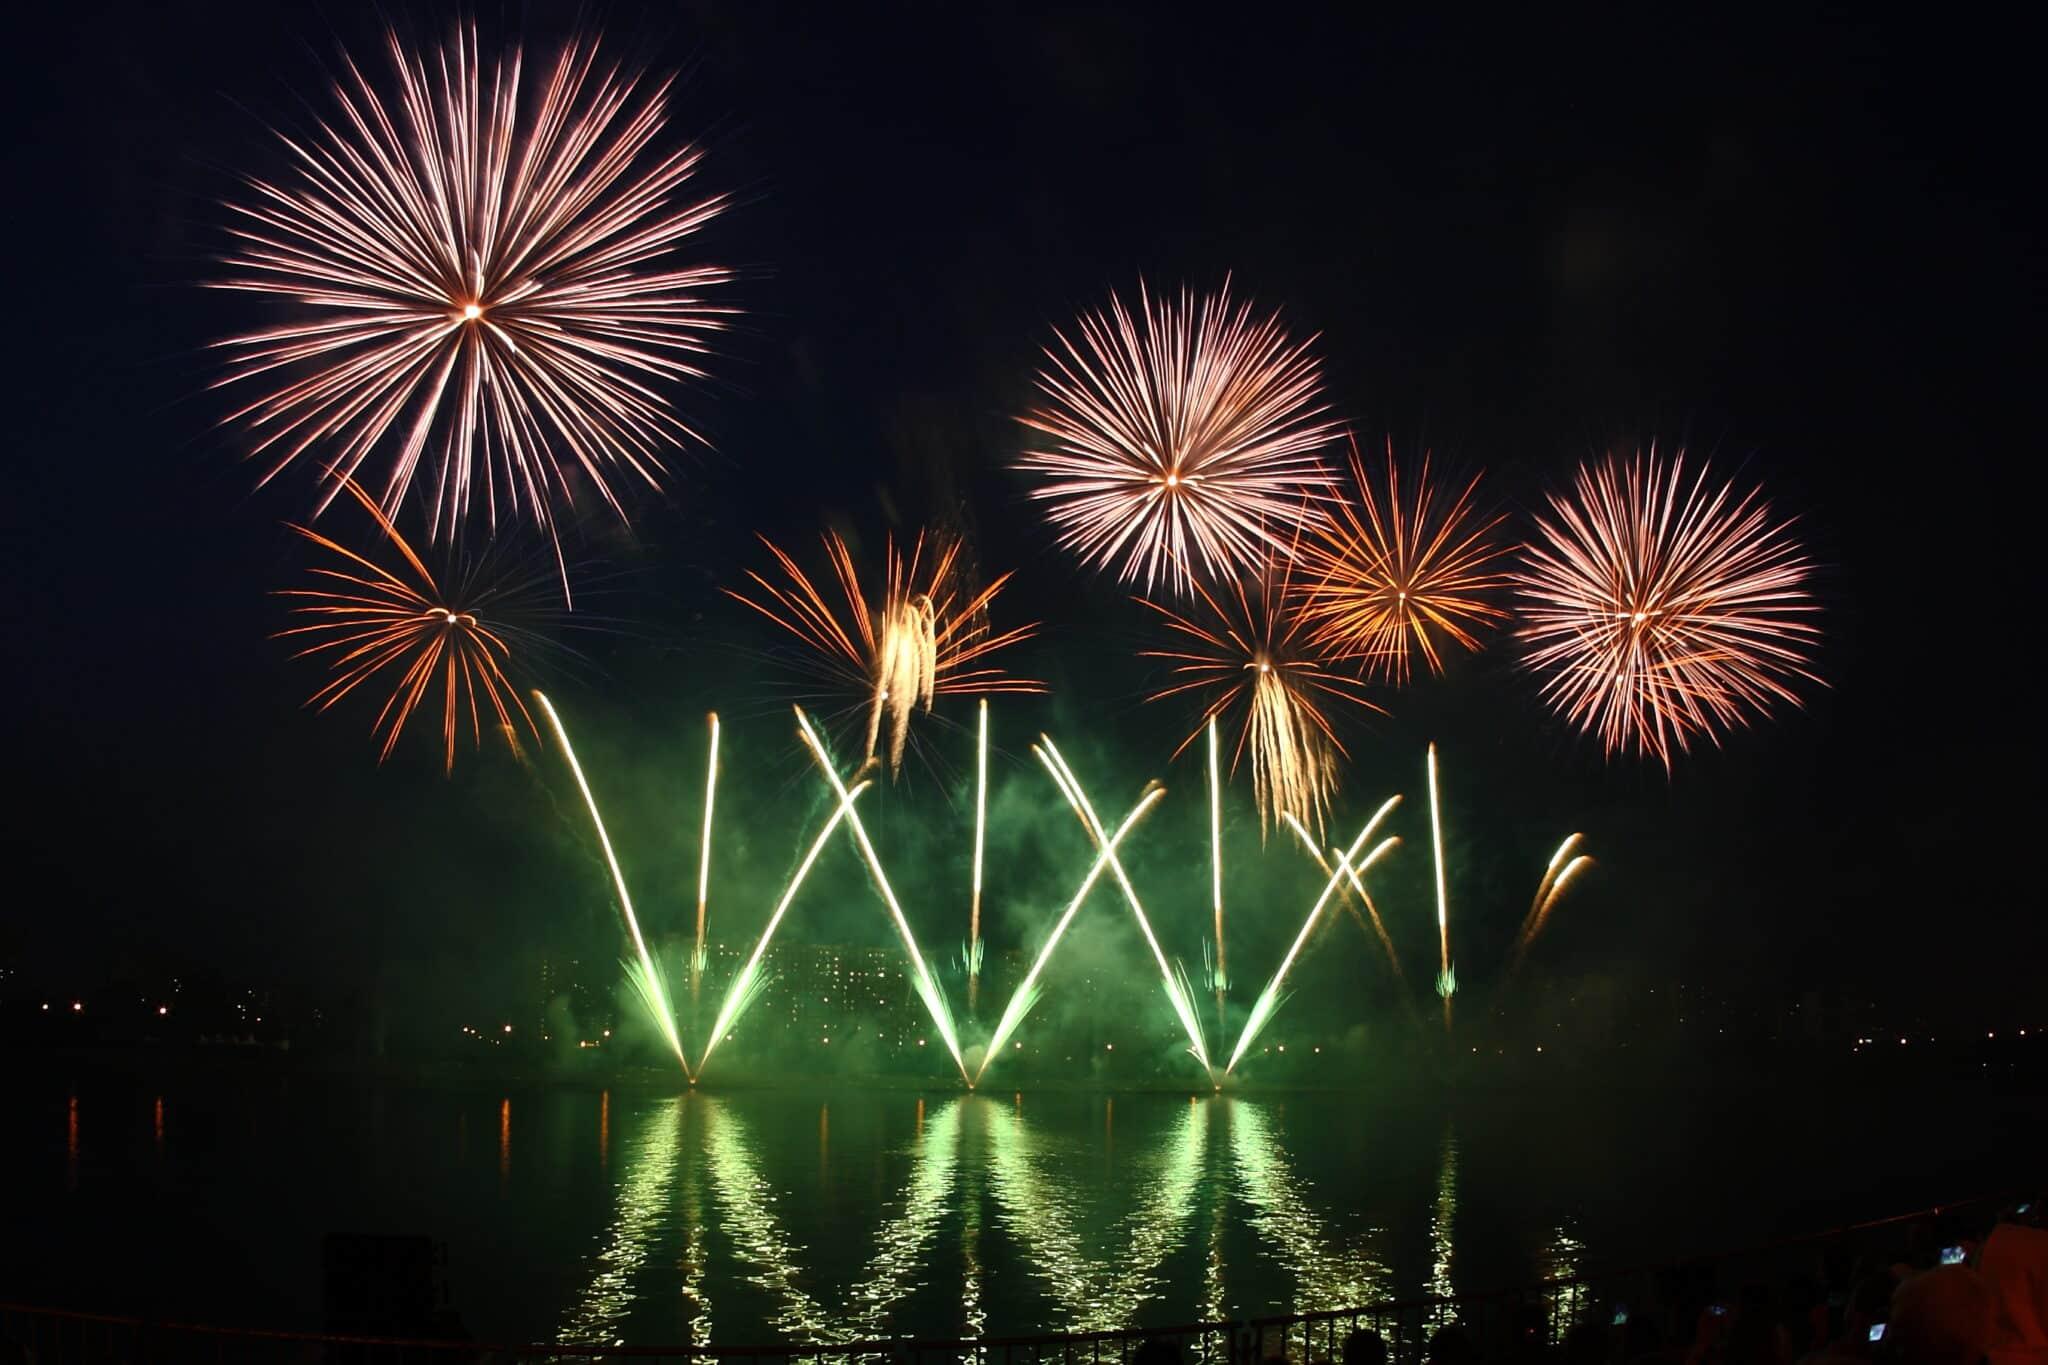 Фестиваль фейерверков Ростех: дата, когда будет в 2019 году, программа и стоимость билетов